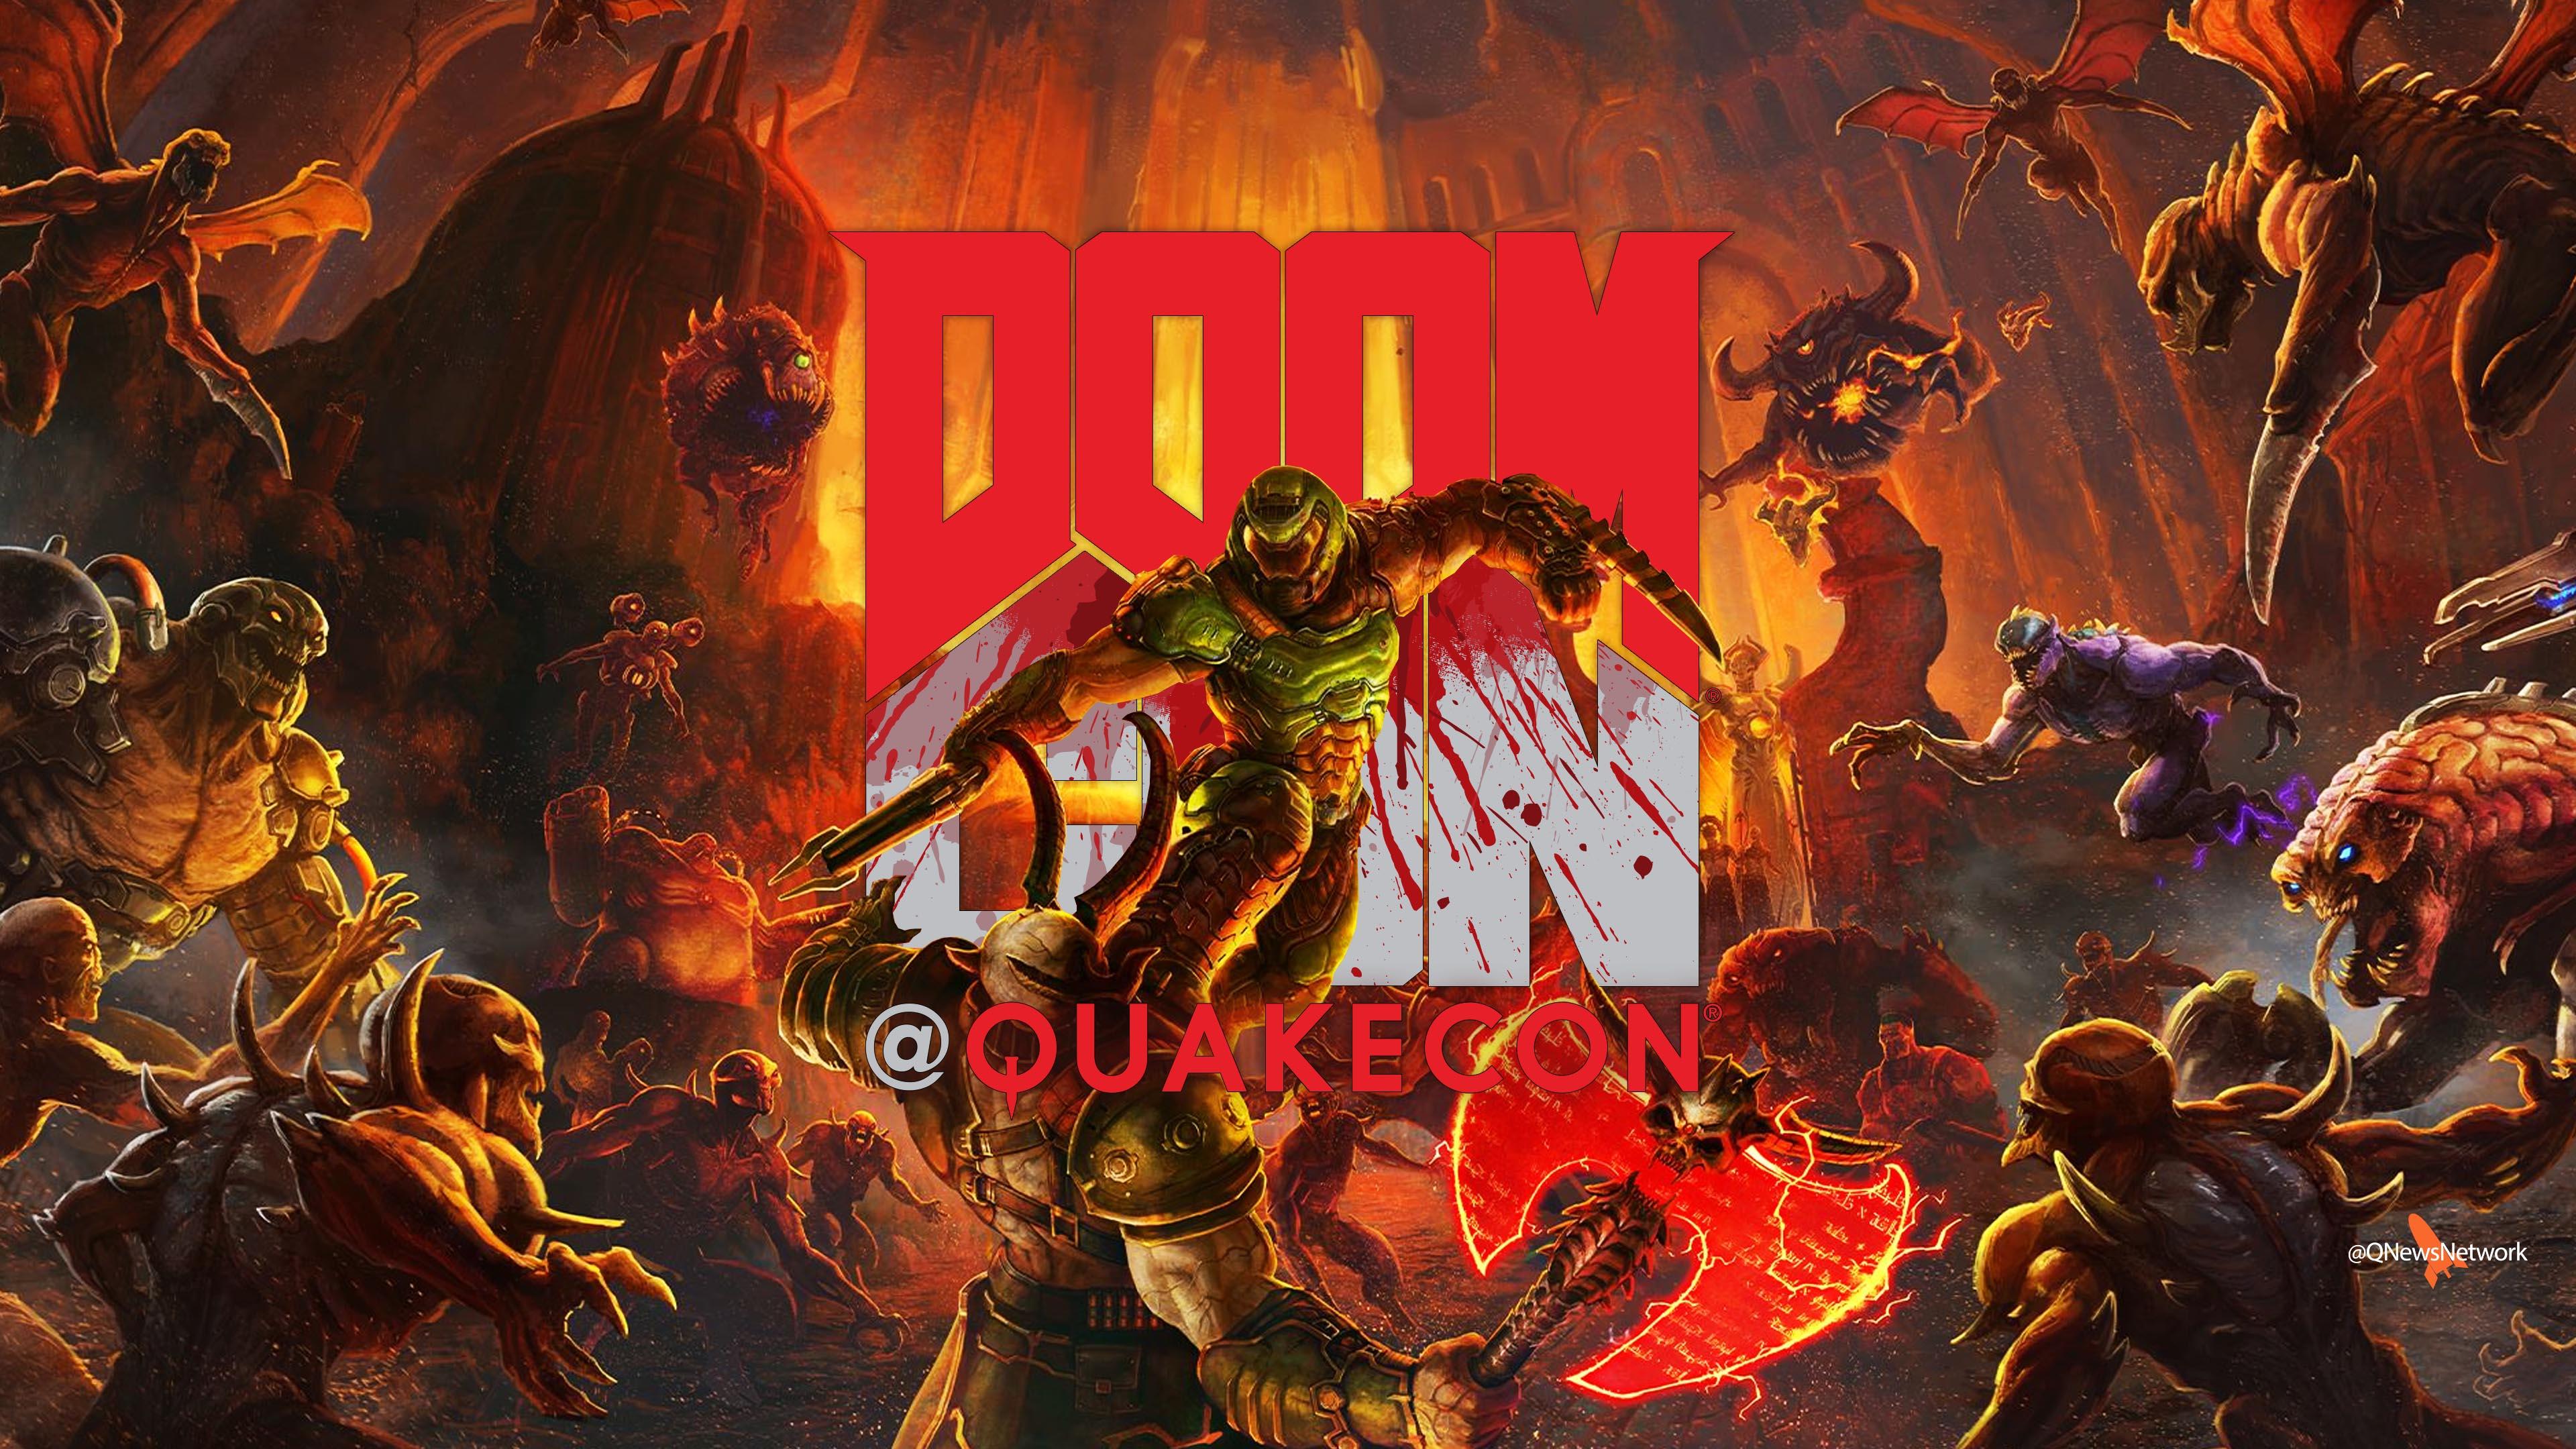 Doomcon wallpaper - Doomslayer